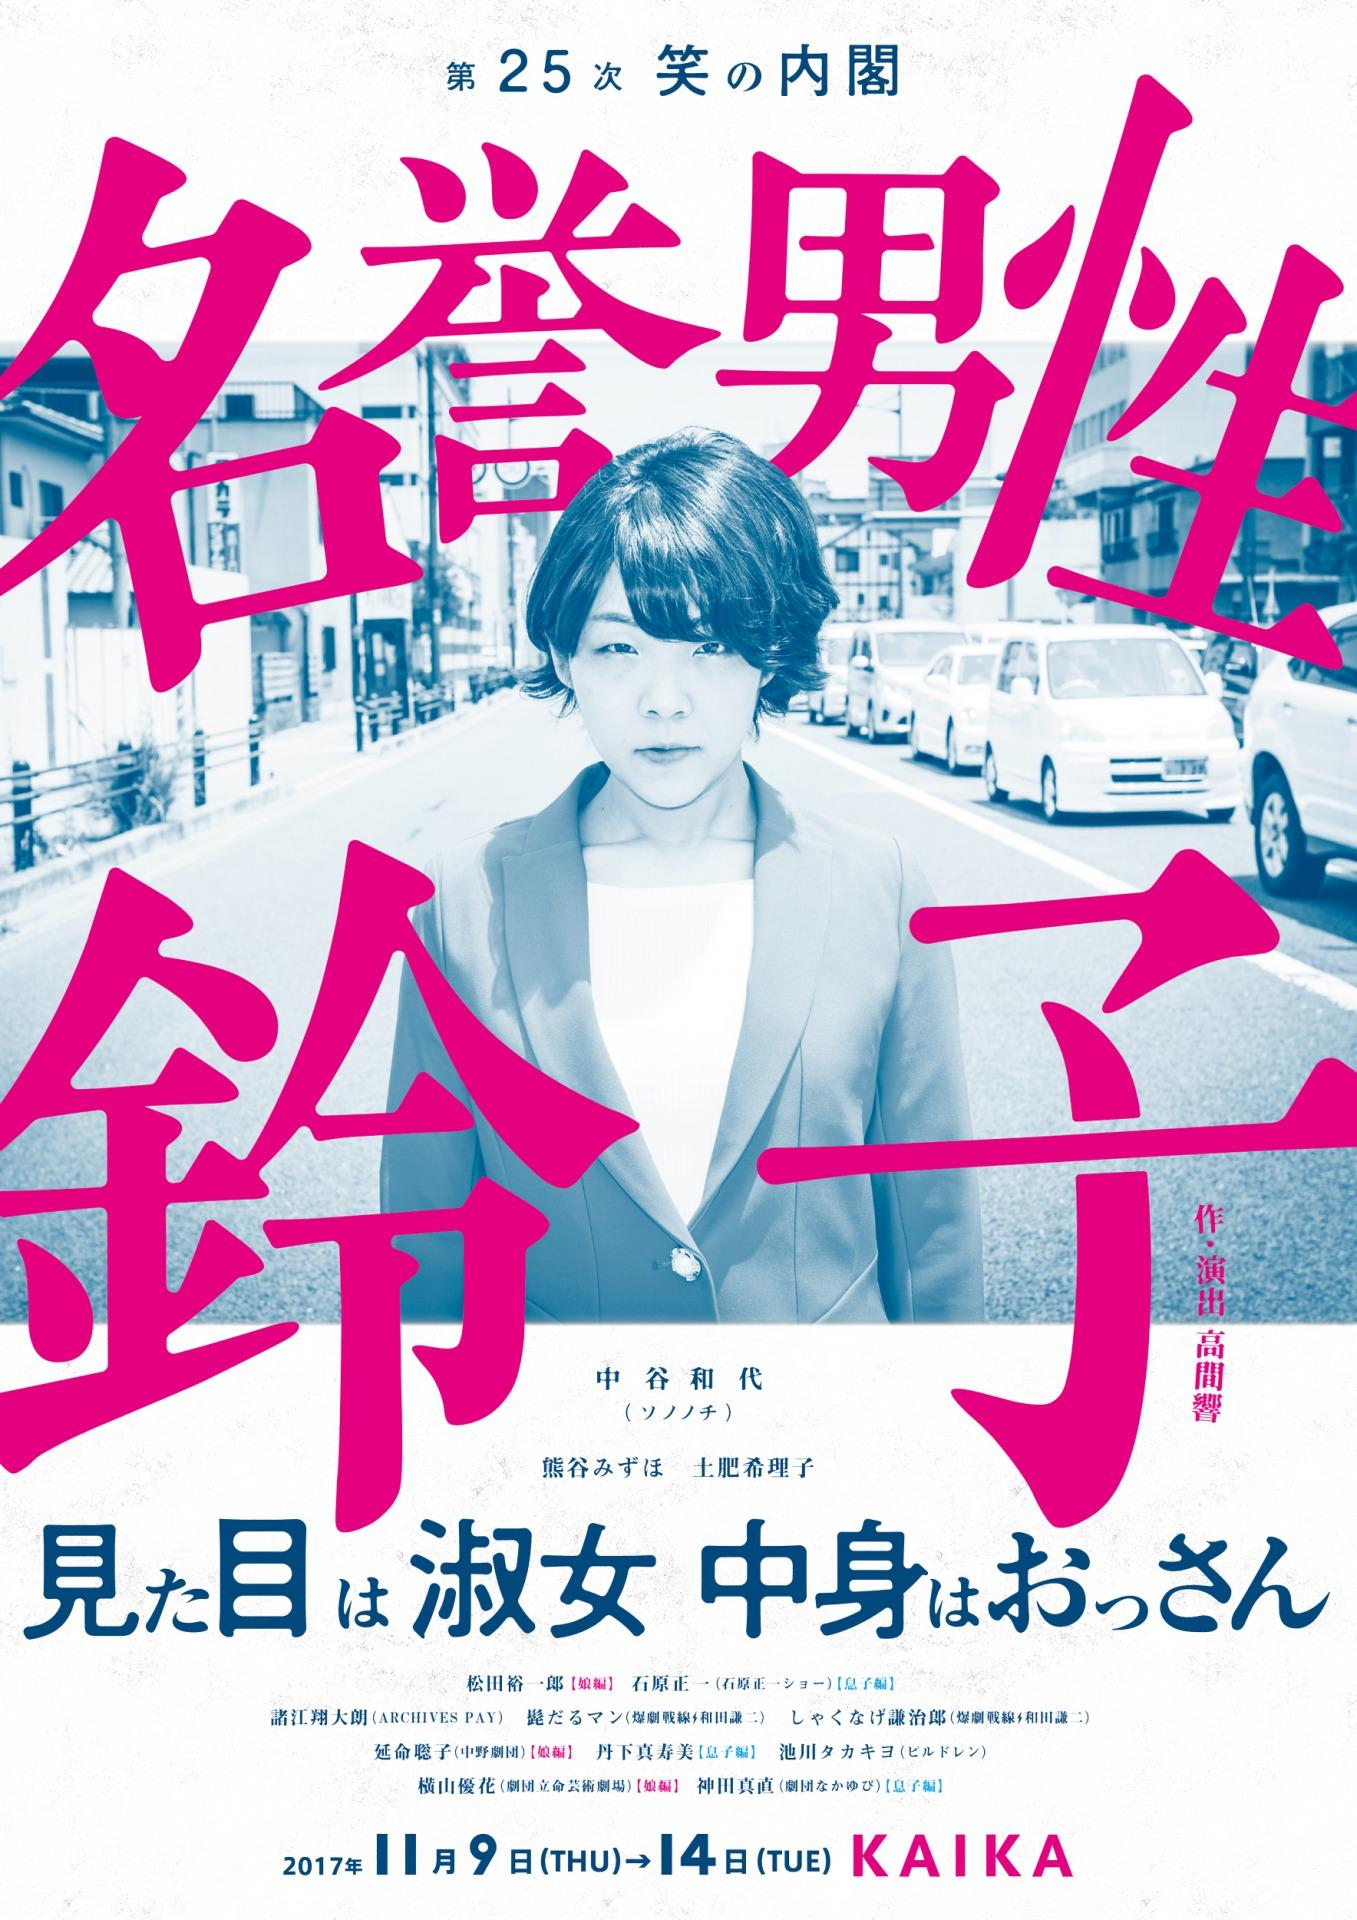 【11月14日19:30】第25次笑の内閣『名誉男性鈴子』(京都公演)【息子編】